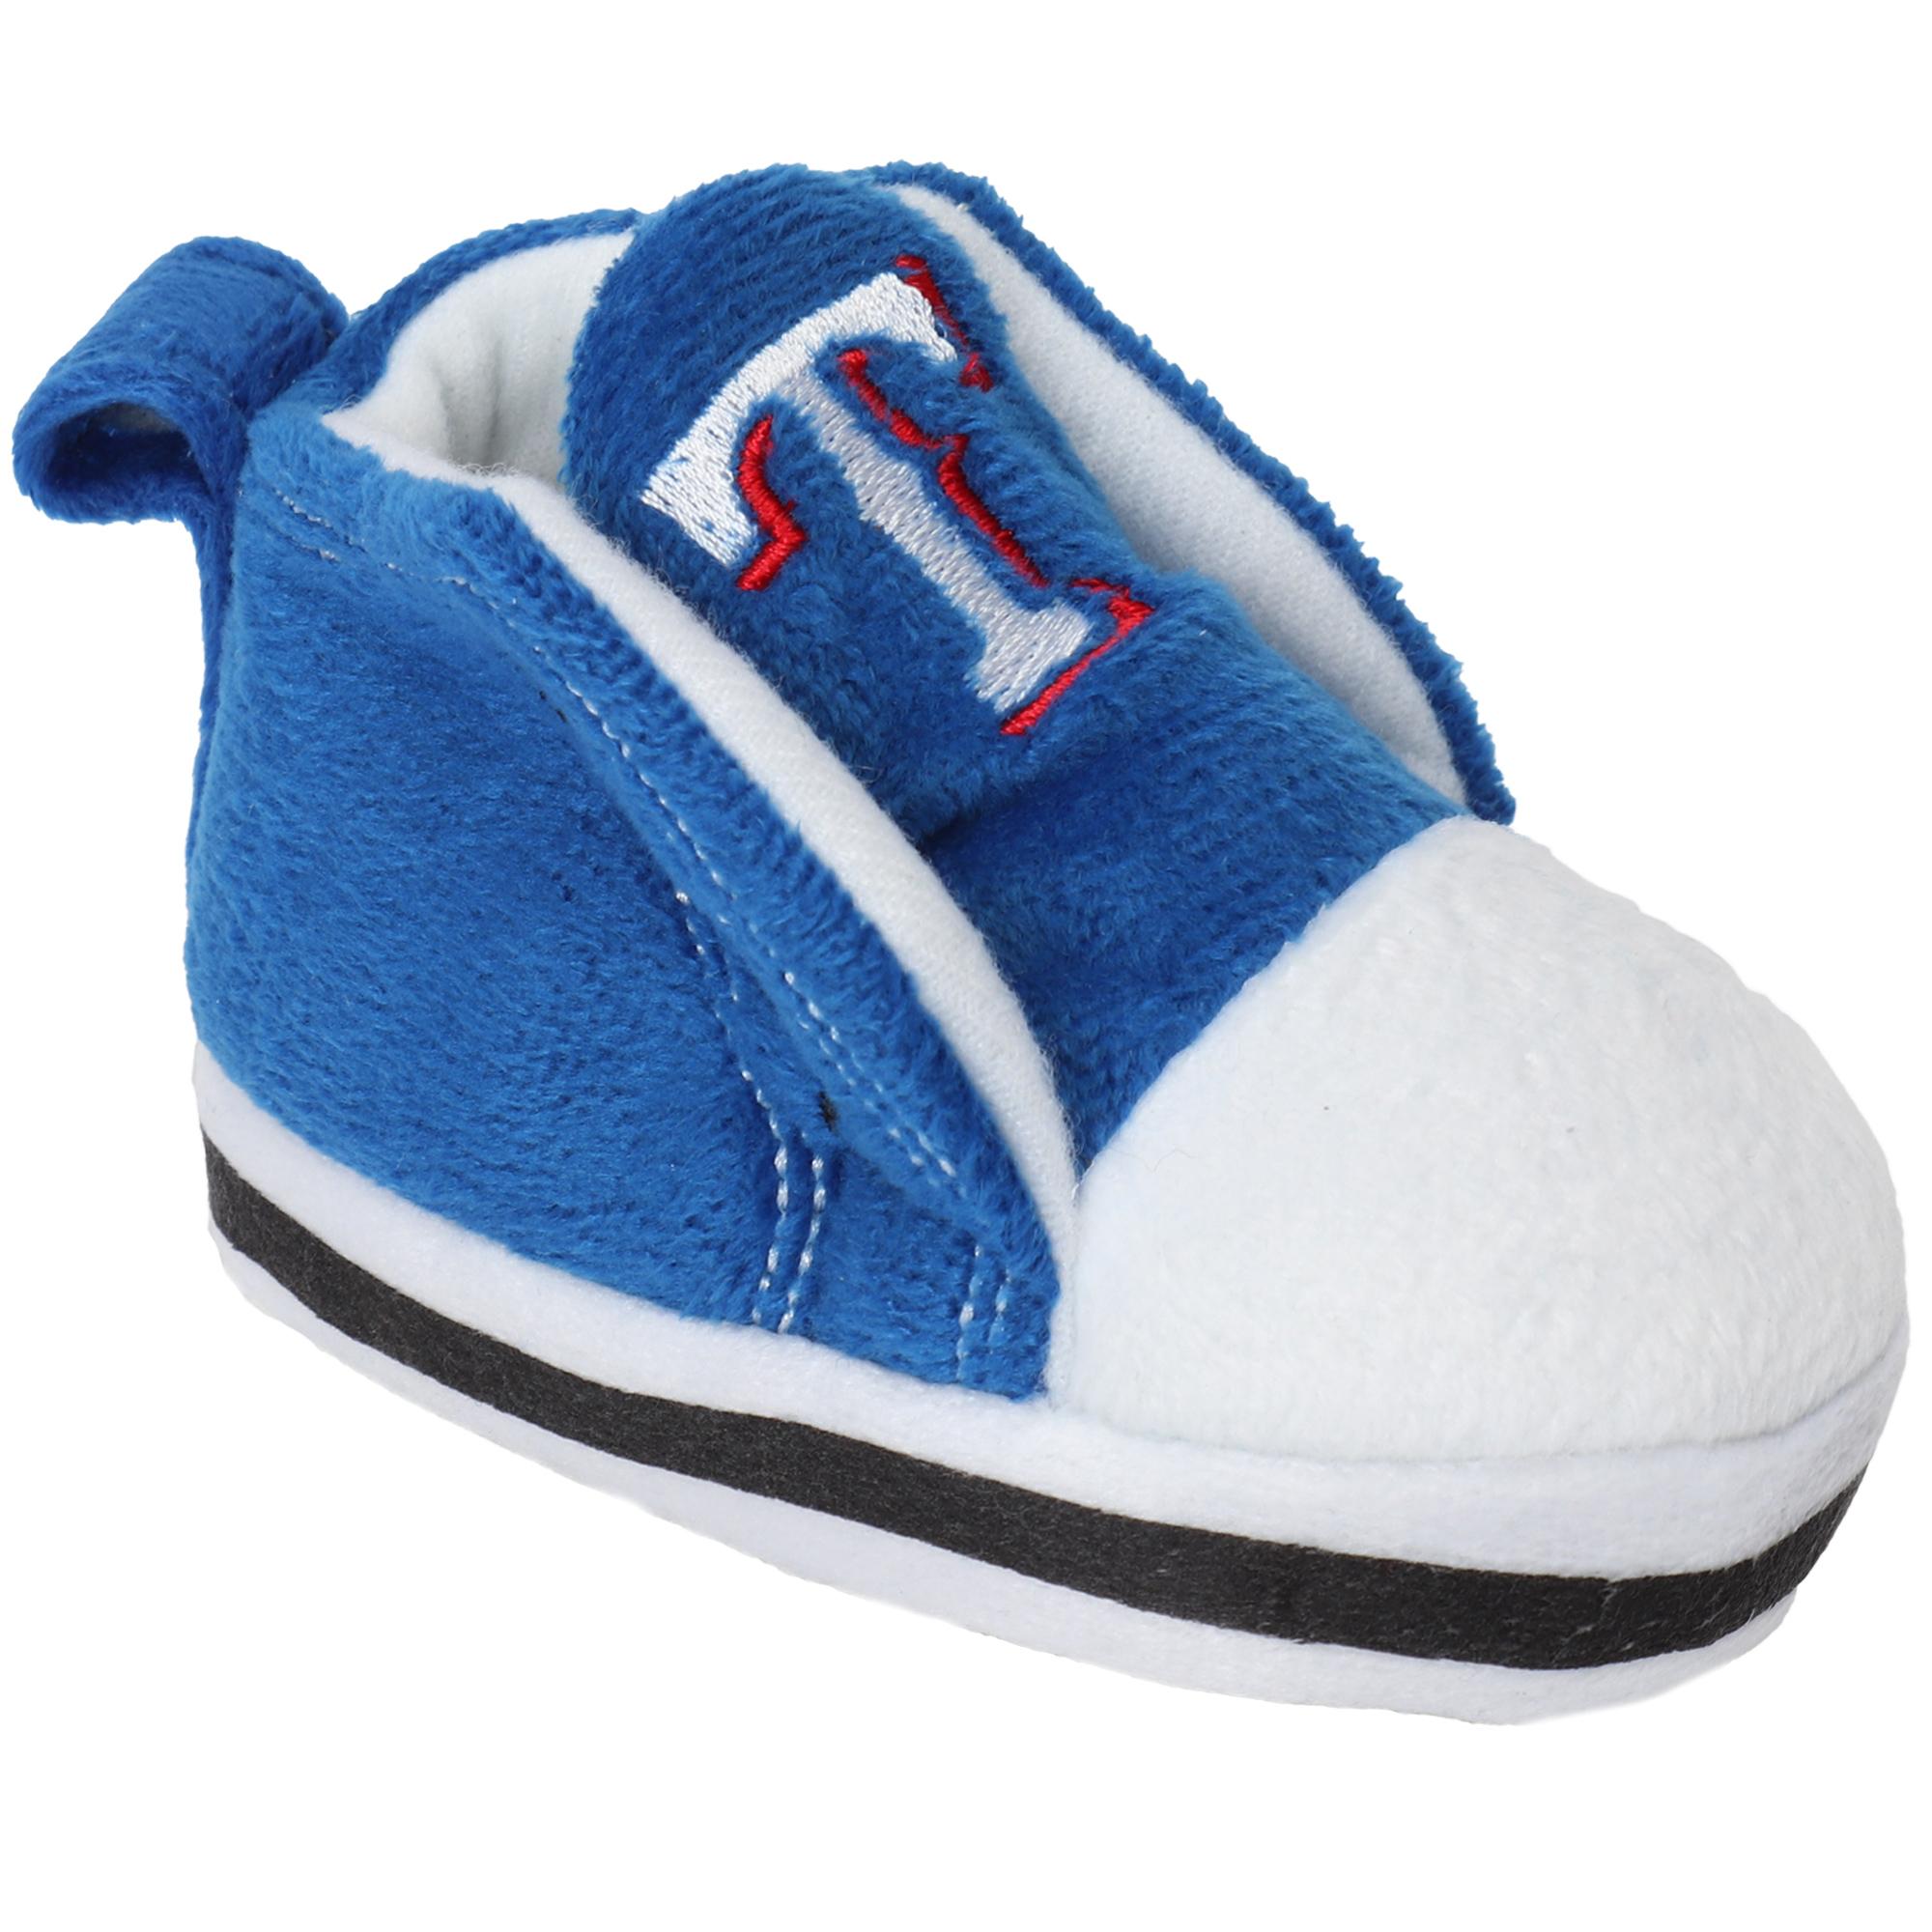 Texas Rangers Newborn & Infant High Top Baby Booties